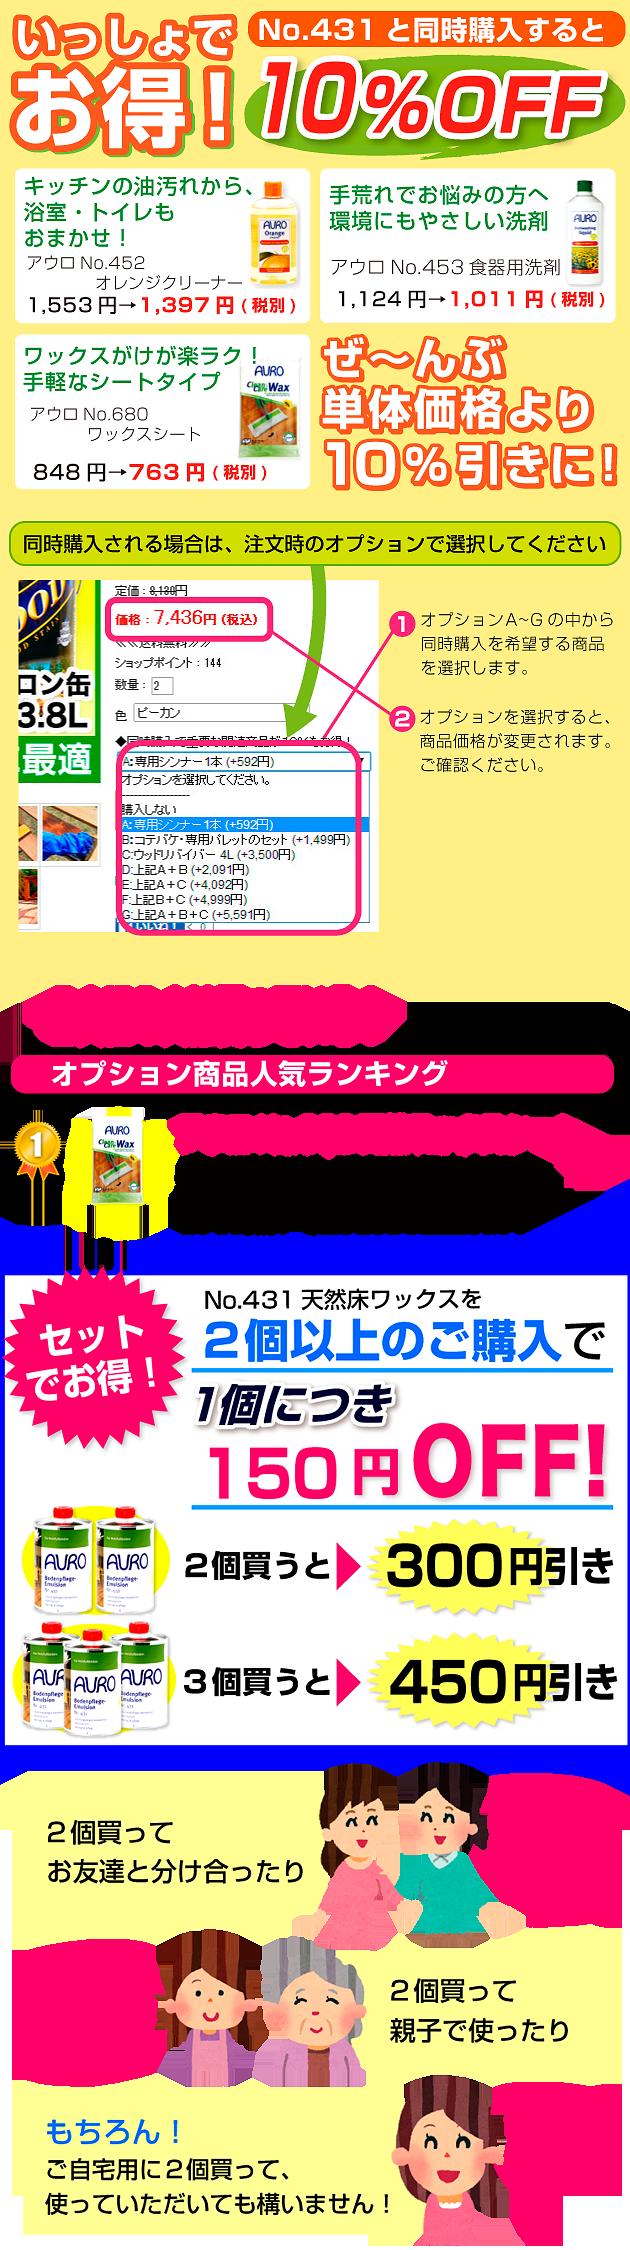 自然塗料 AURO(アウロ) No.431 使い方等